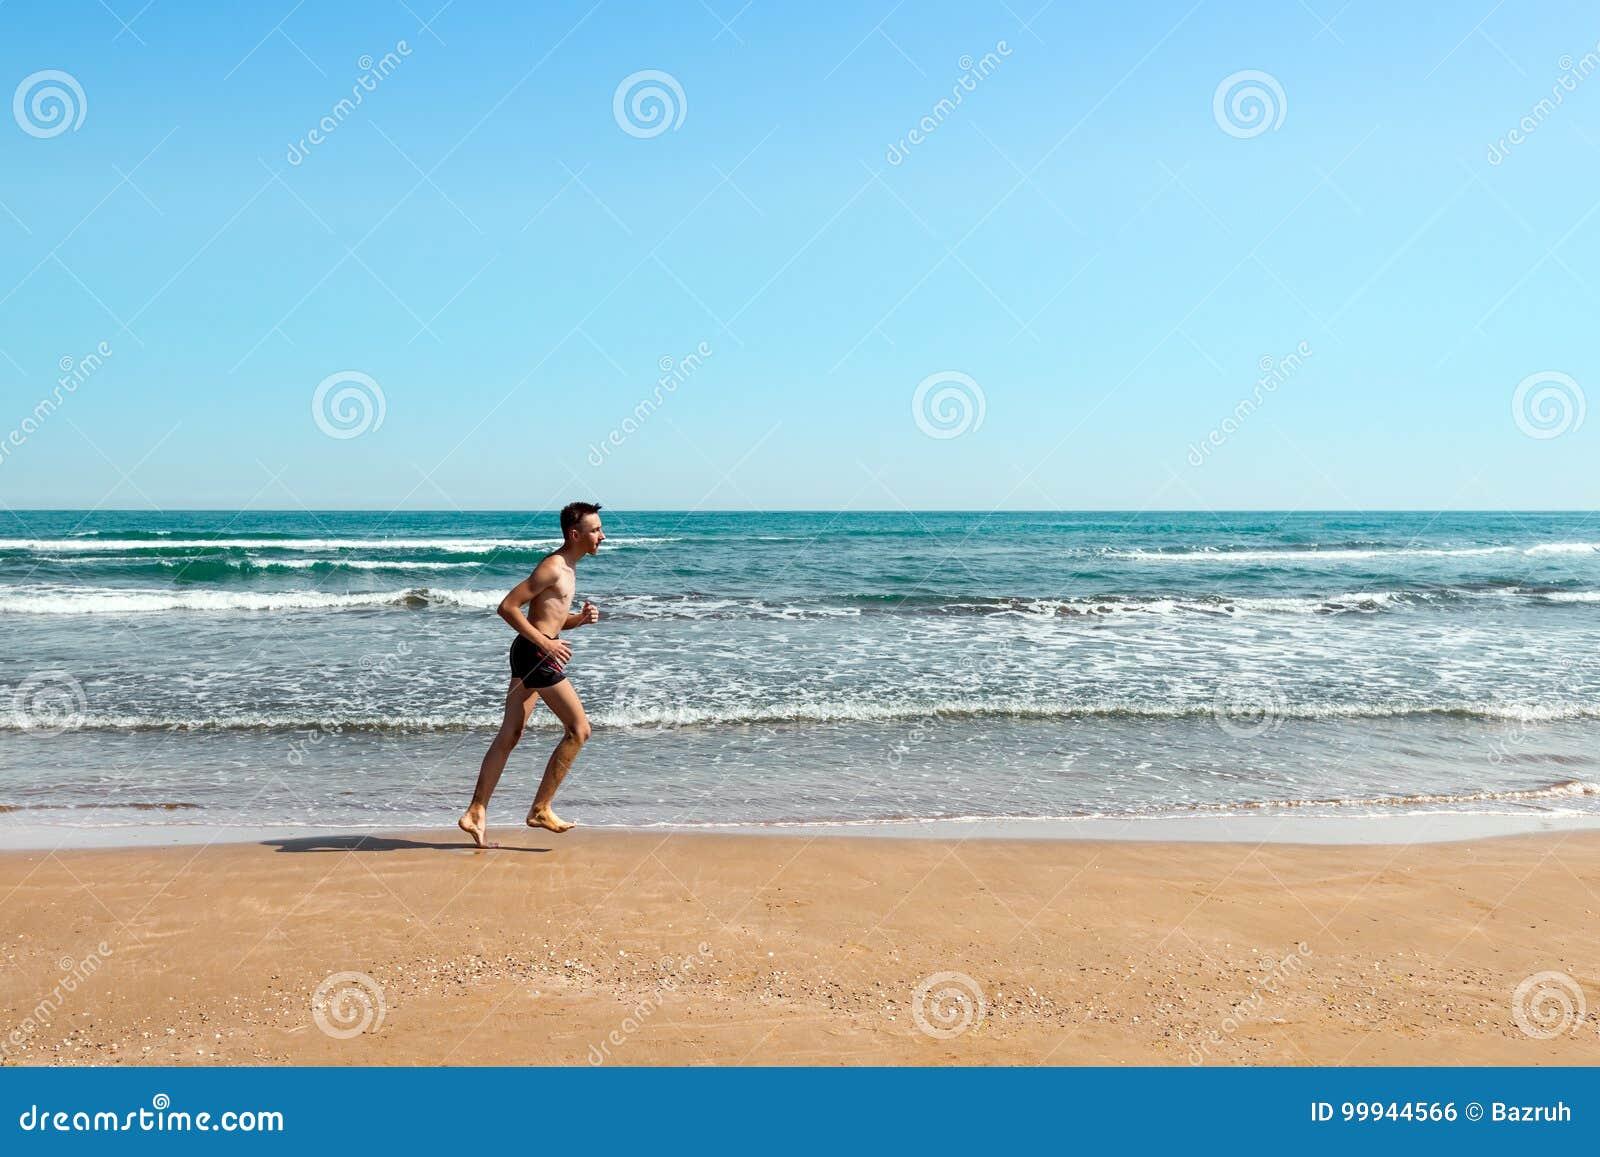 Идущий спортсмен на пляже